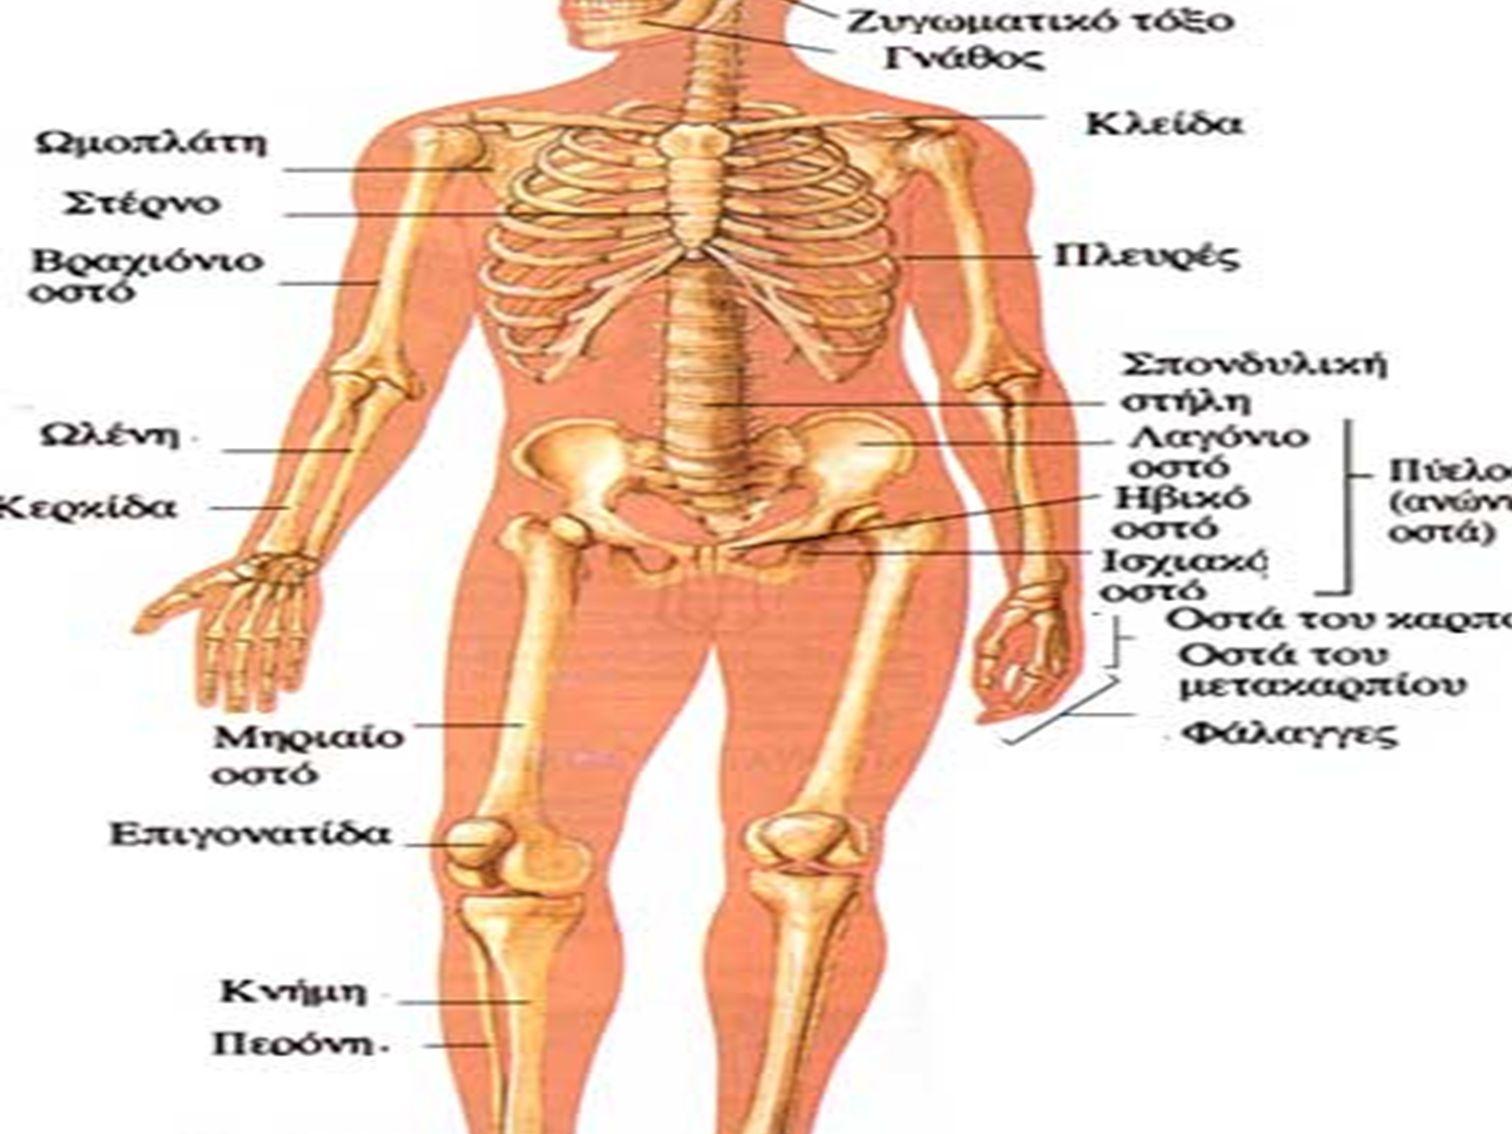 ΜΕΛΕΤΗ ΤΟΥ ΣΚΕΛΕΤΟΥ Σκελετό του κορμού: Οστά κρανίου 22 Υοειδές οστό 1 Οστά θώρακα 25 Σπονδυλική στήλη 26 -74 Σκελετός άκρων: Οστά άνω άκρων 64.